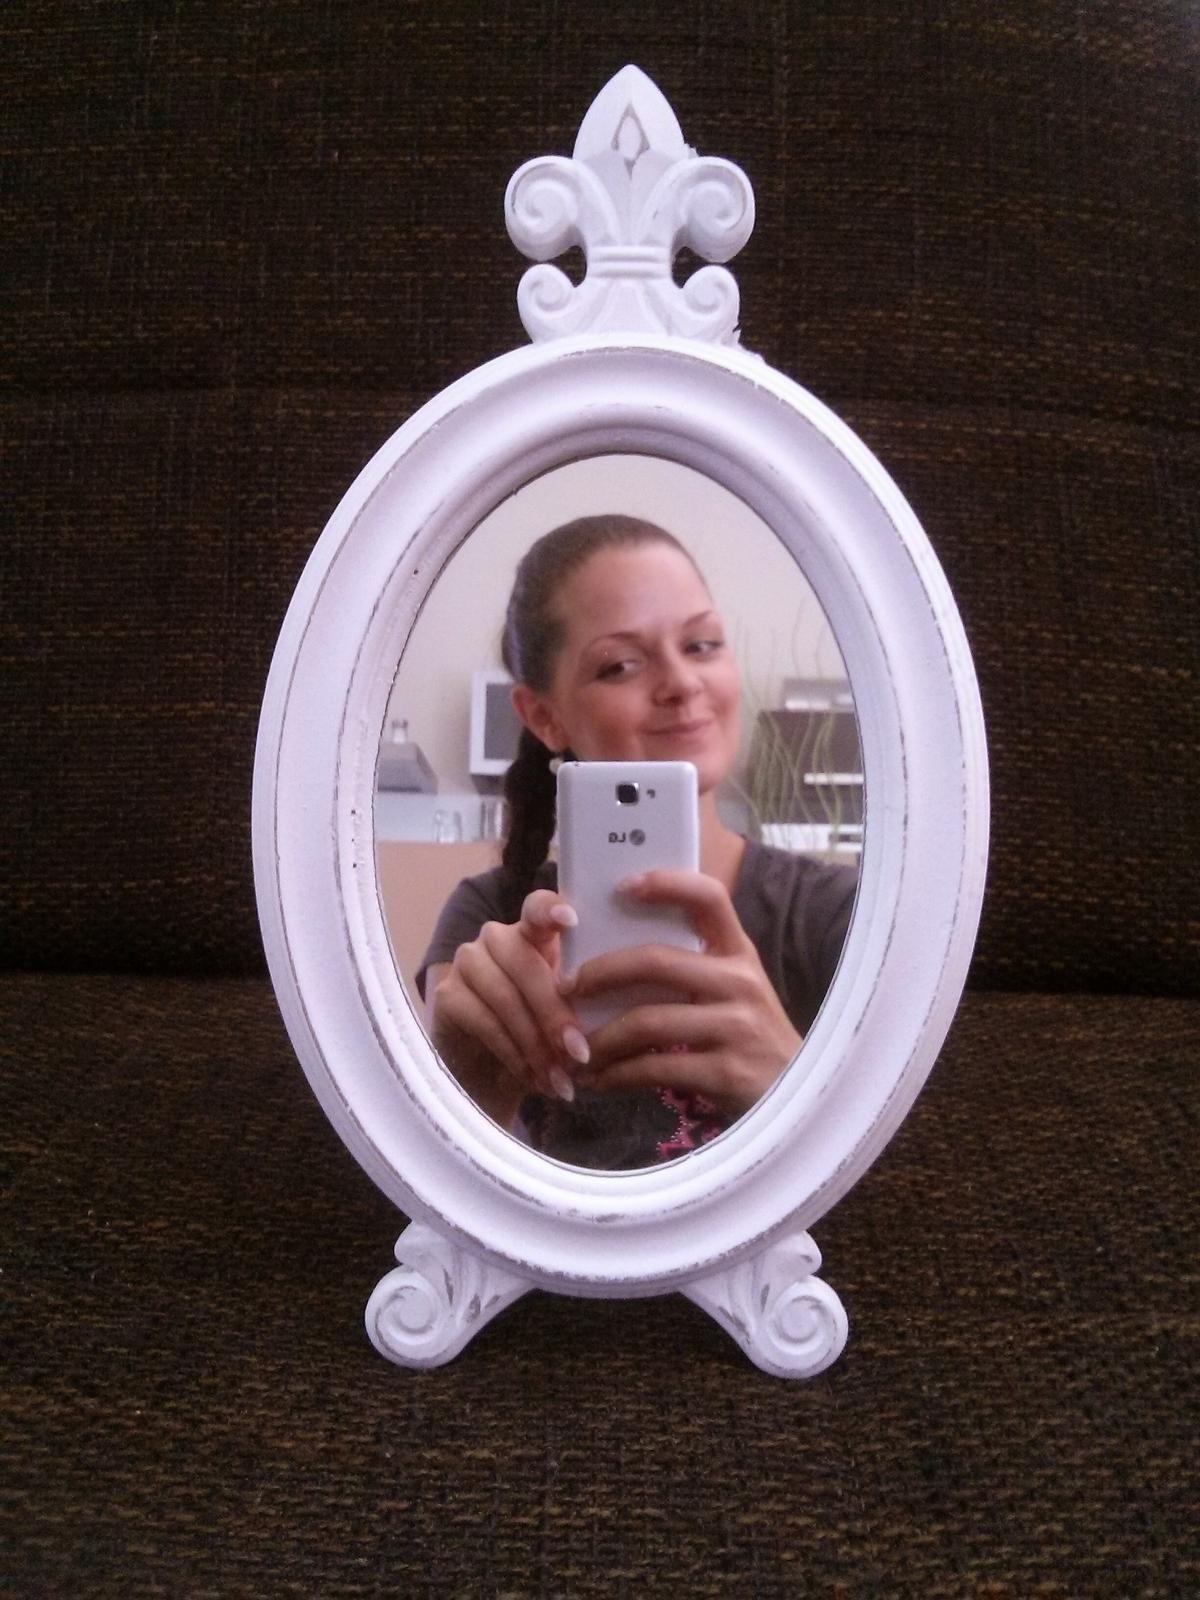 ♫ Keď sa sny plnia. . . ♫♪ - toto zrkadielko ma dostalo,určite bude súčasťou fotiek...